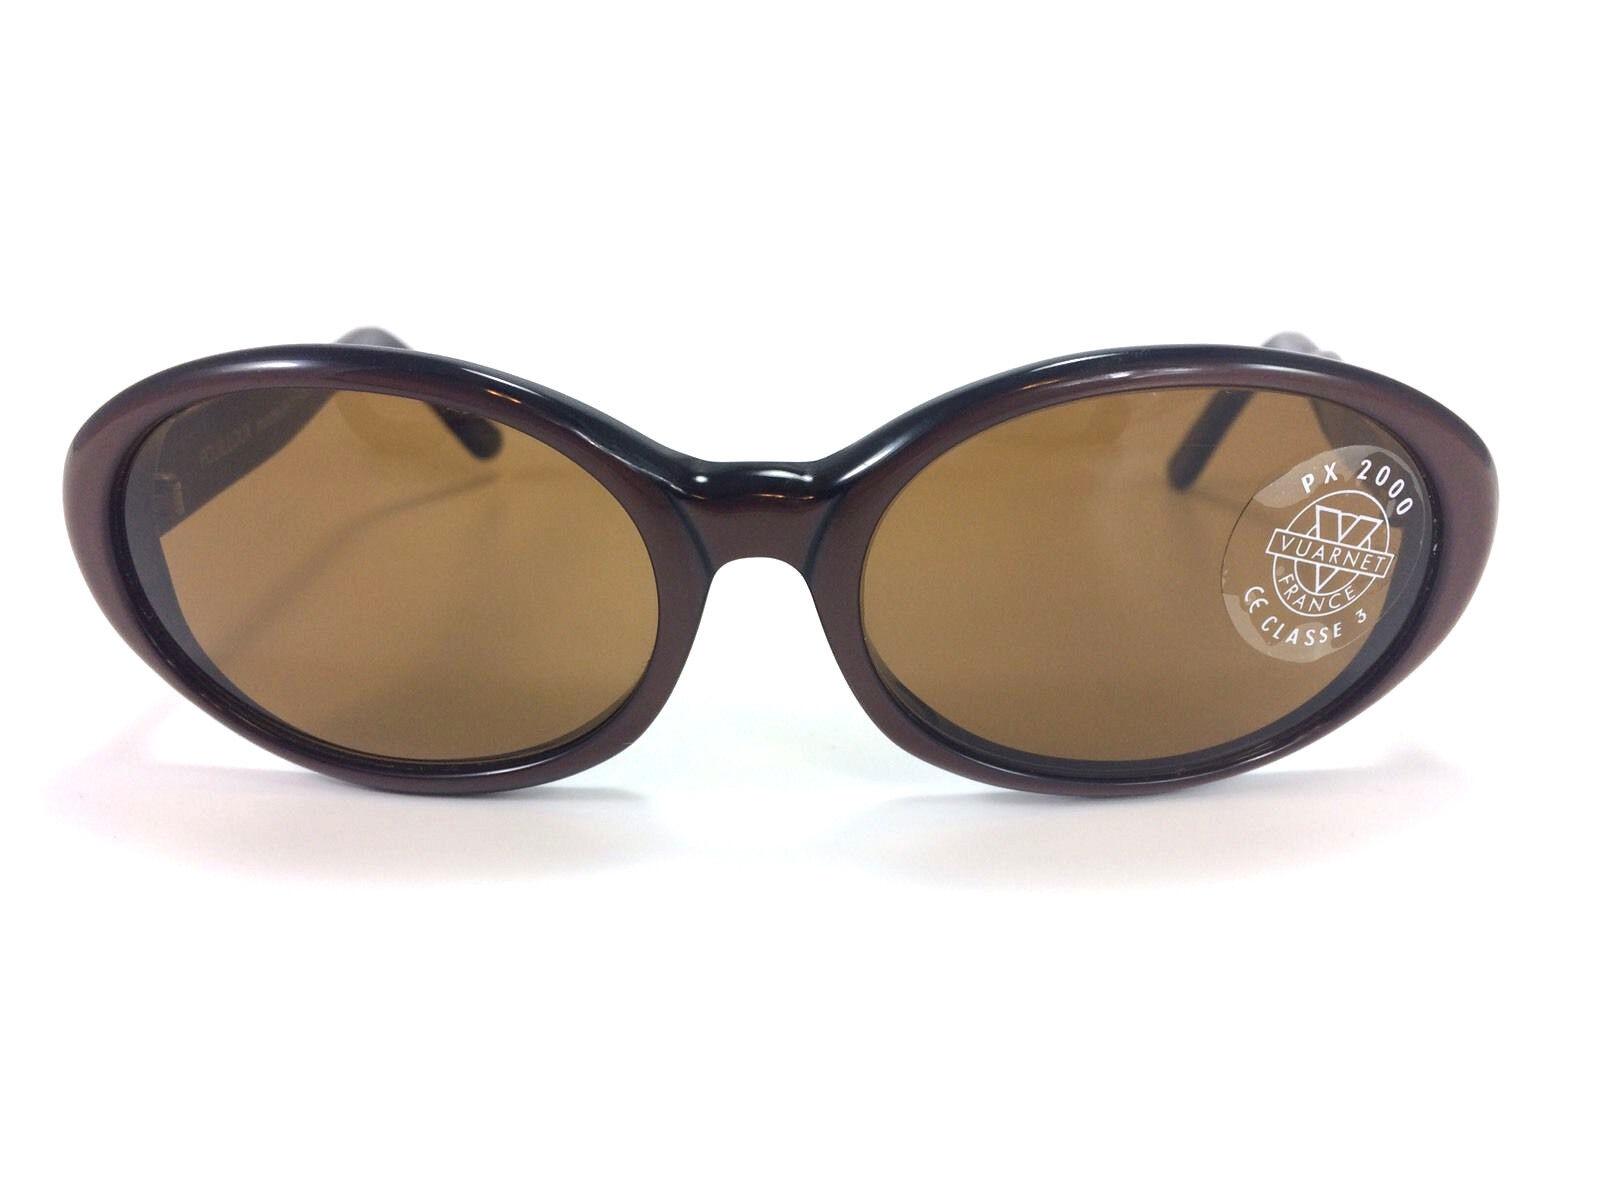 B1 NEW Vtg Deadstock Vuarnet Pouilloux Handmade France REF 074 Brown Sunglasses